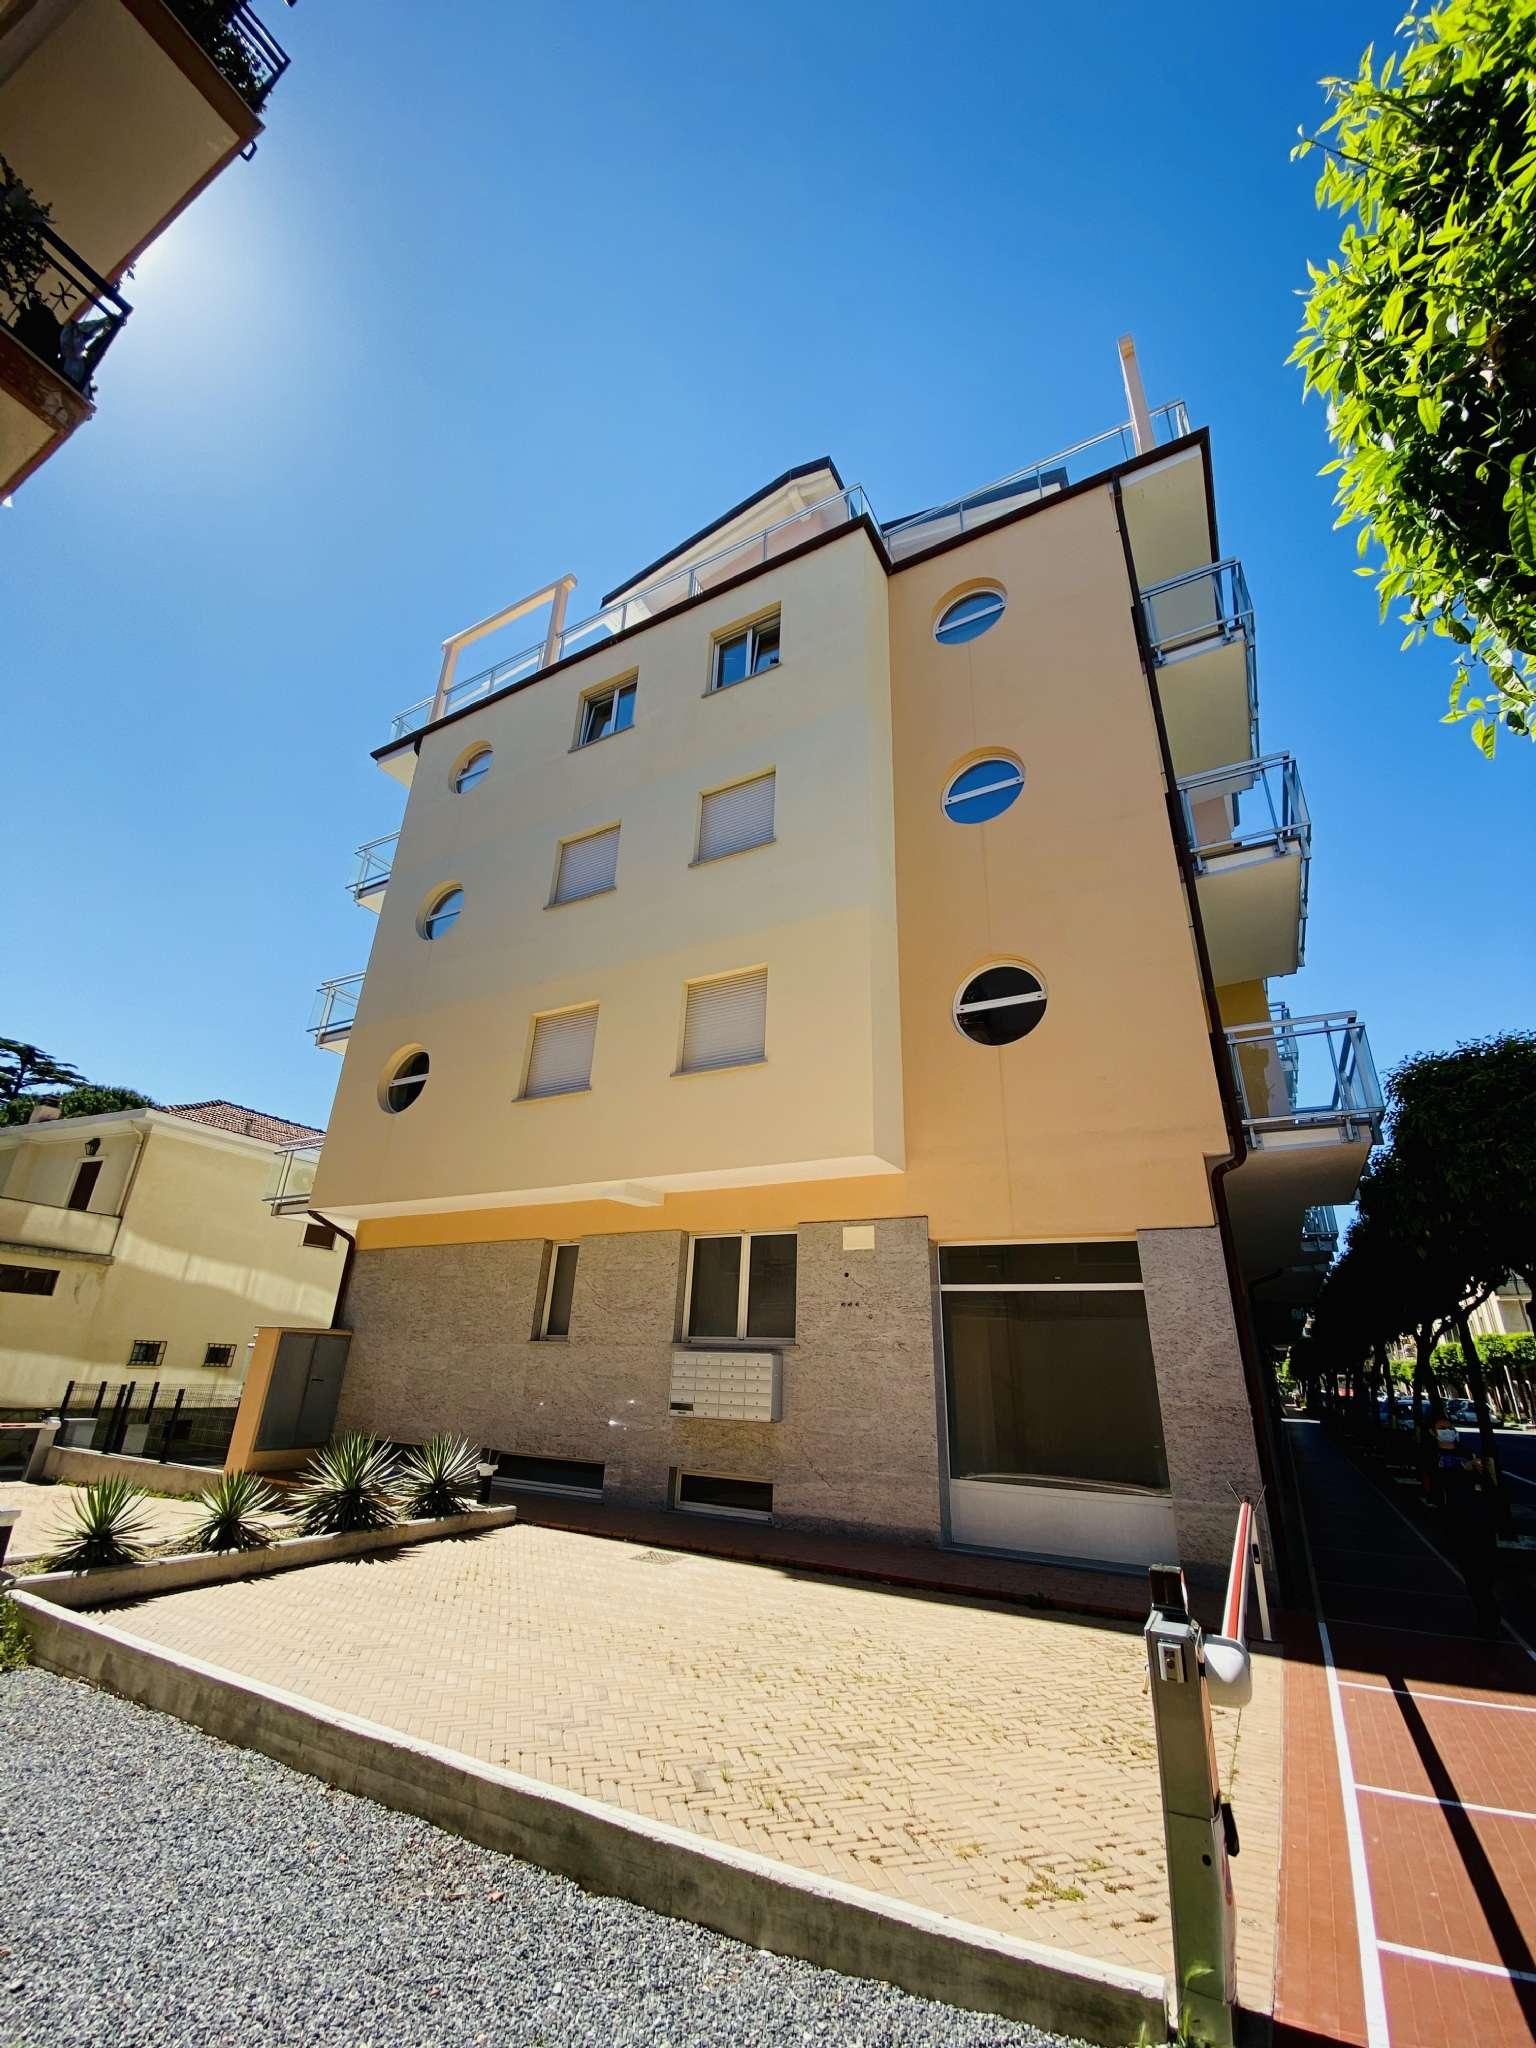 Appartamento in vendita a Diano Marina, 2 locali, prezzo € 300.000 | CambioCasa.it